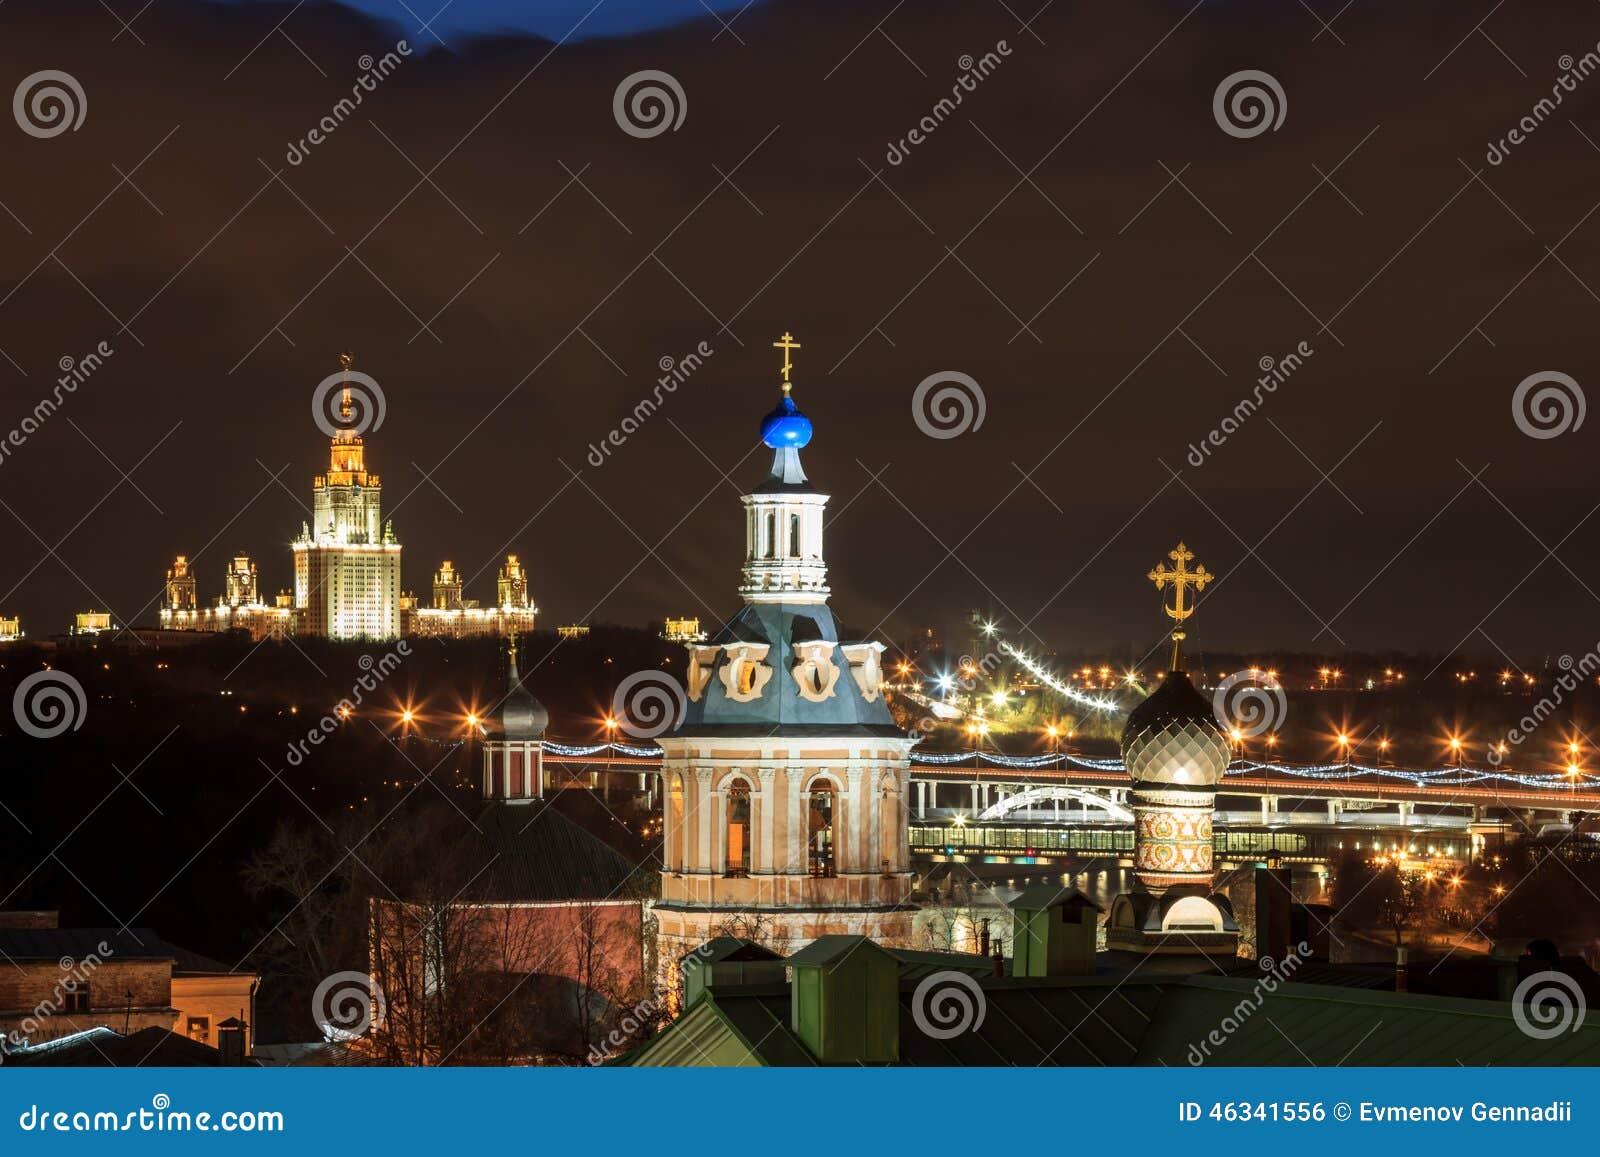 AftonMoskva, sikt från observationsdäcket av den ryska akademin av vetenskaper